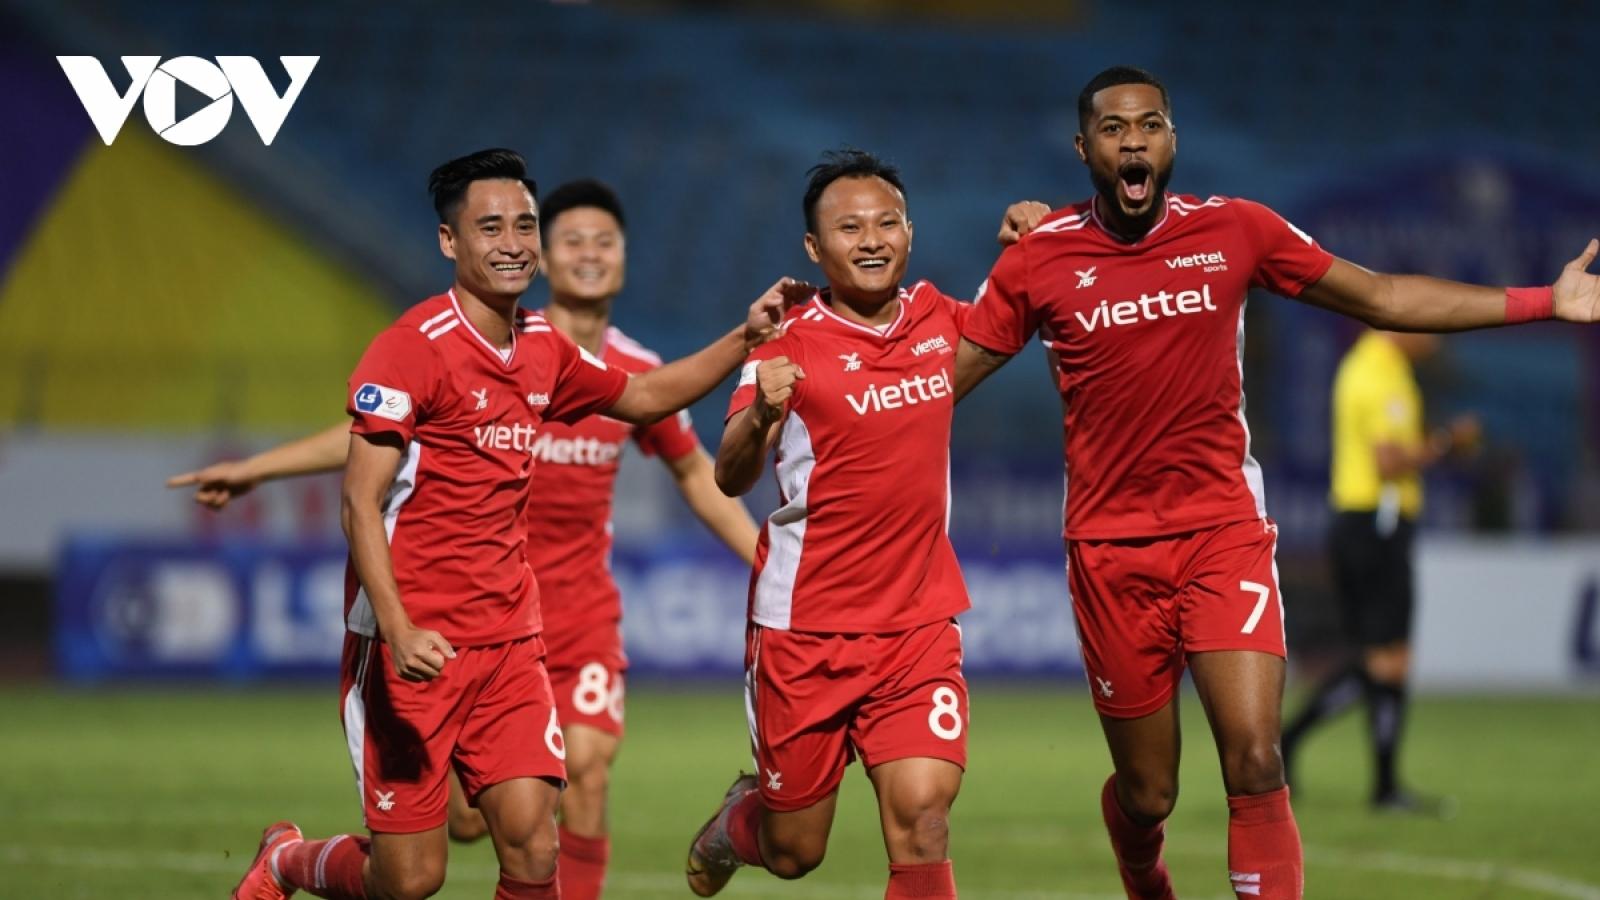 Viettel - Ulsan Hyundai: Bóng đá Việt Nam trở lại AFC Champions League